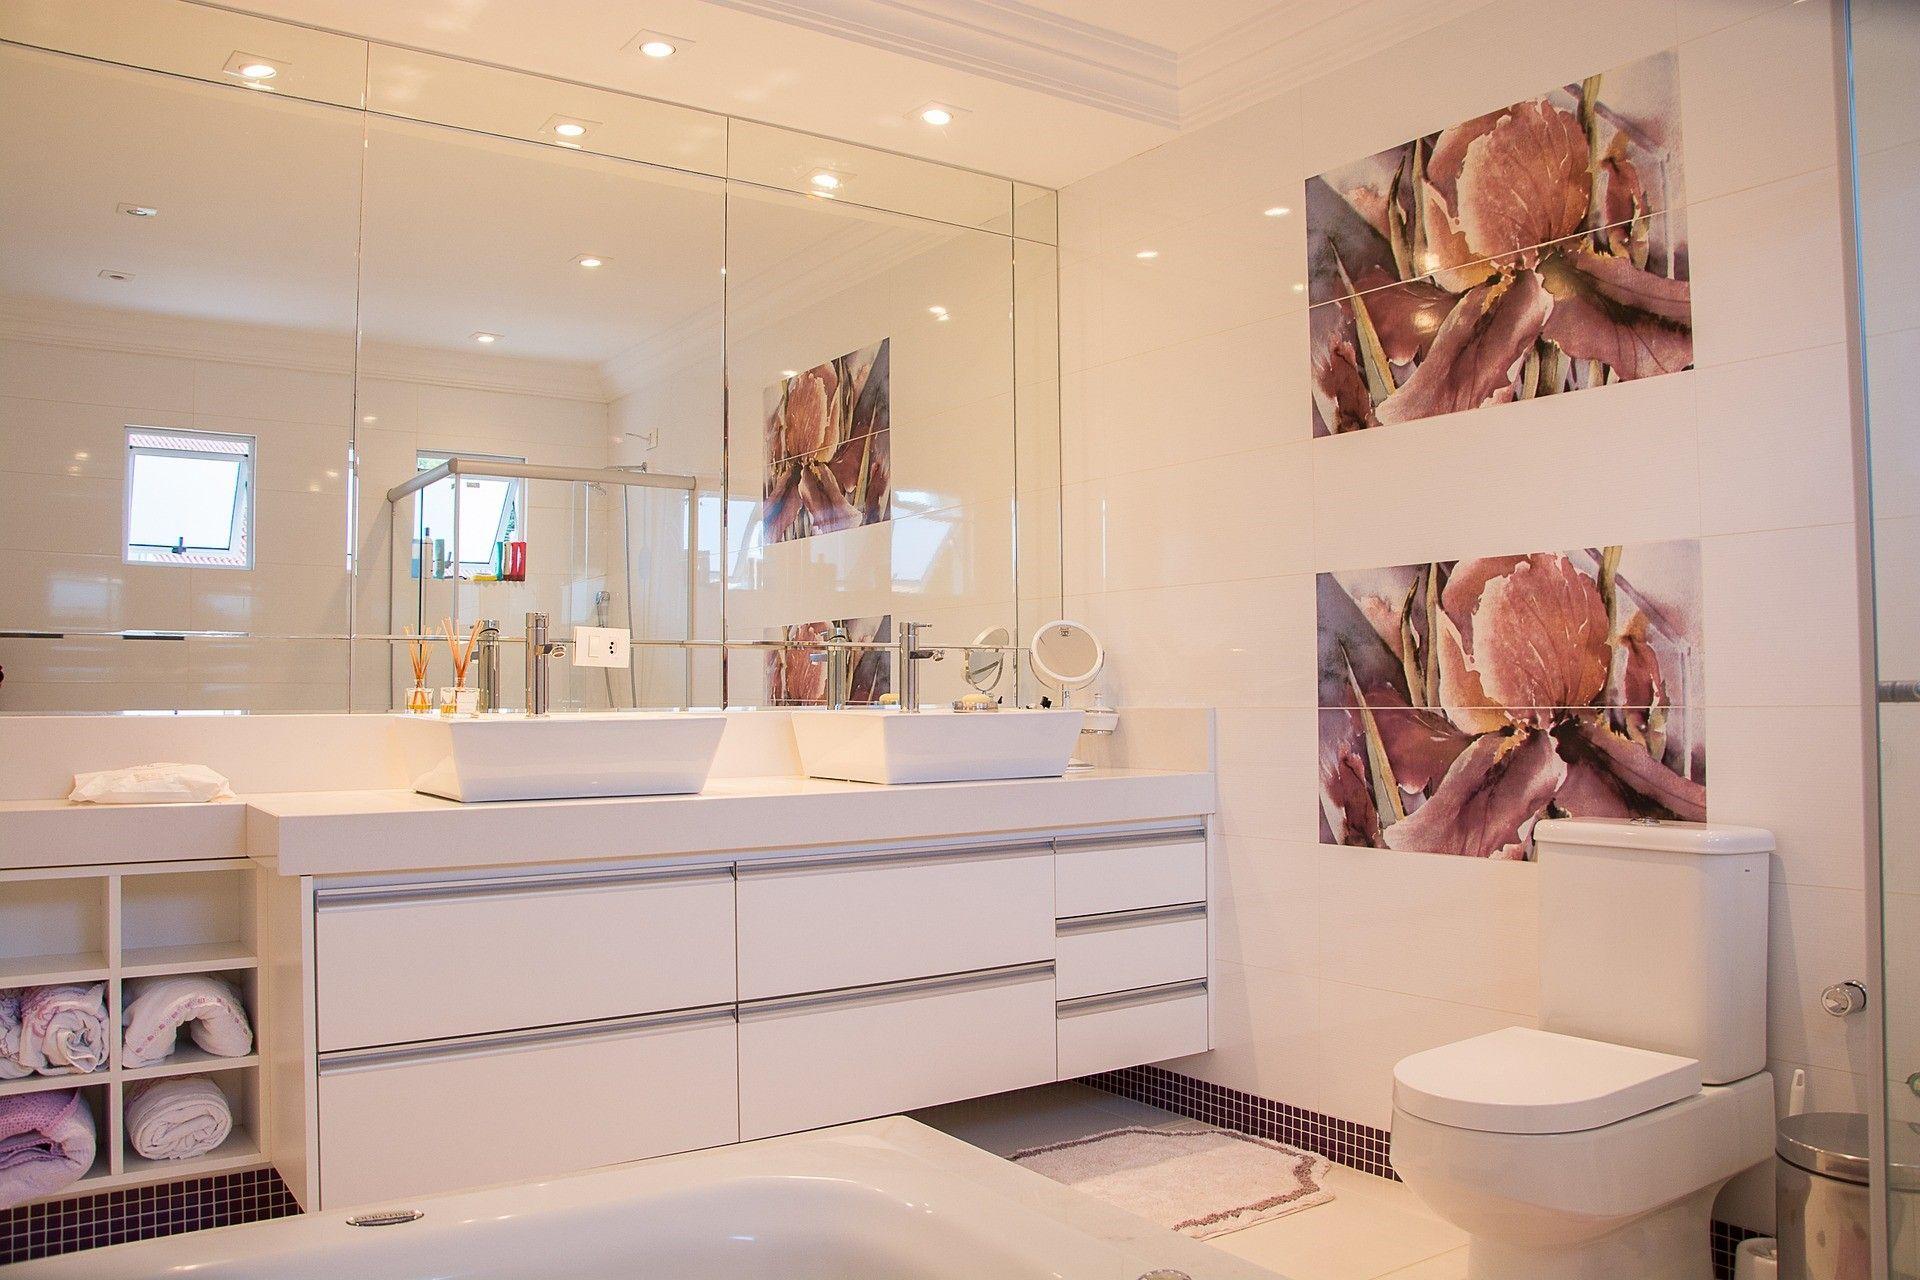 Mała łazienka Sposoby Na Optyczne Powiększenie Przestrzeni